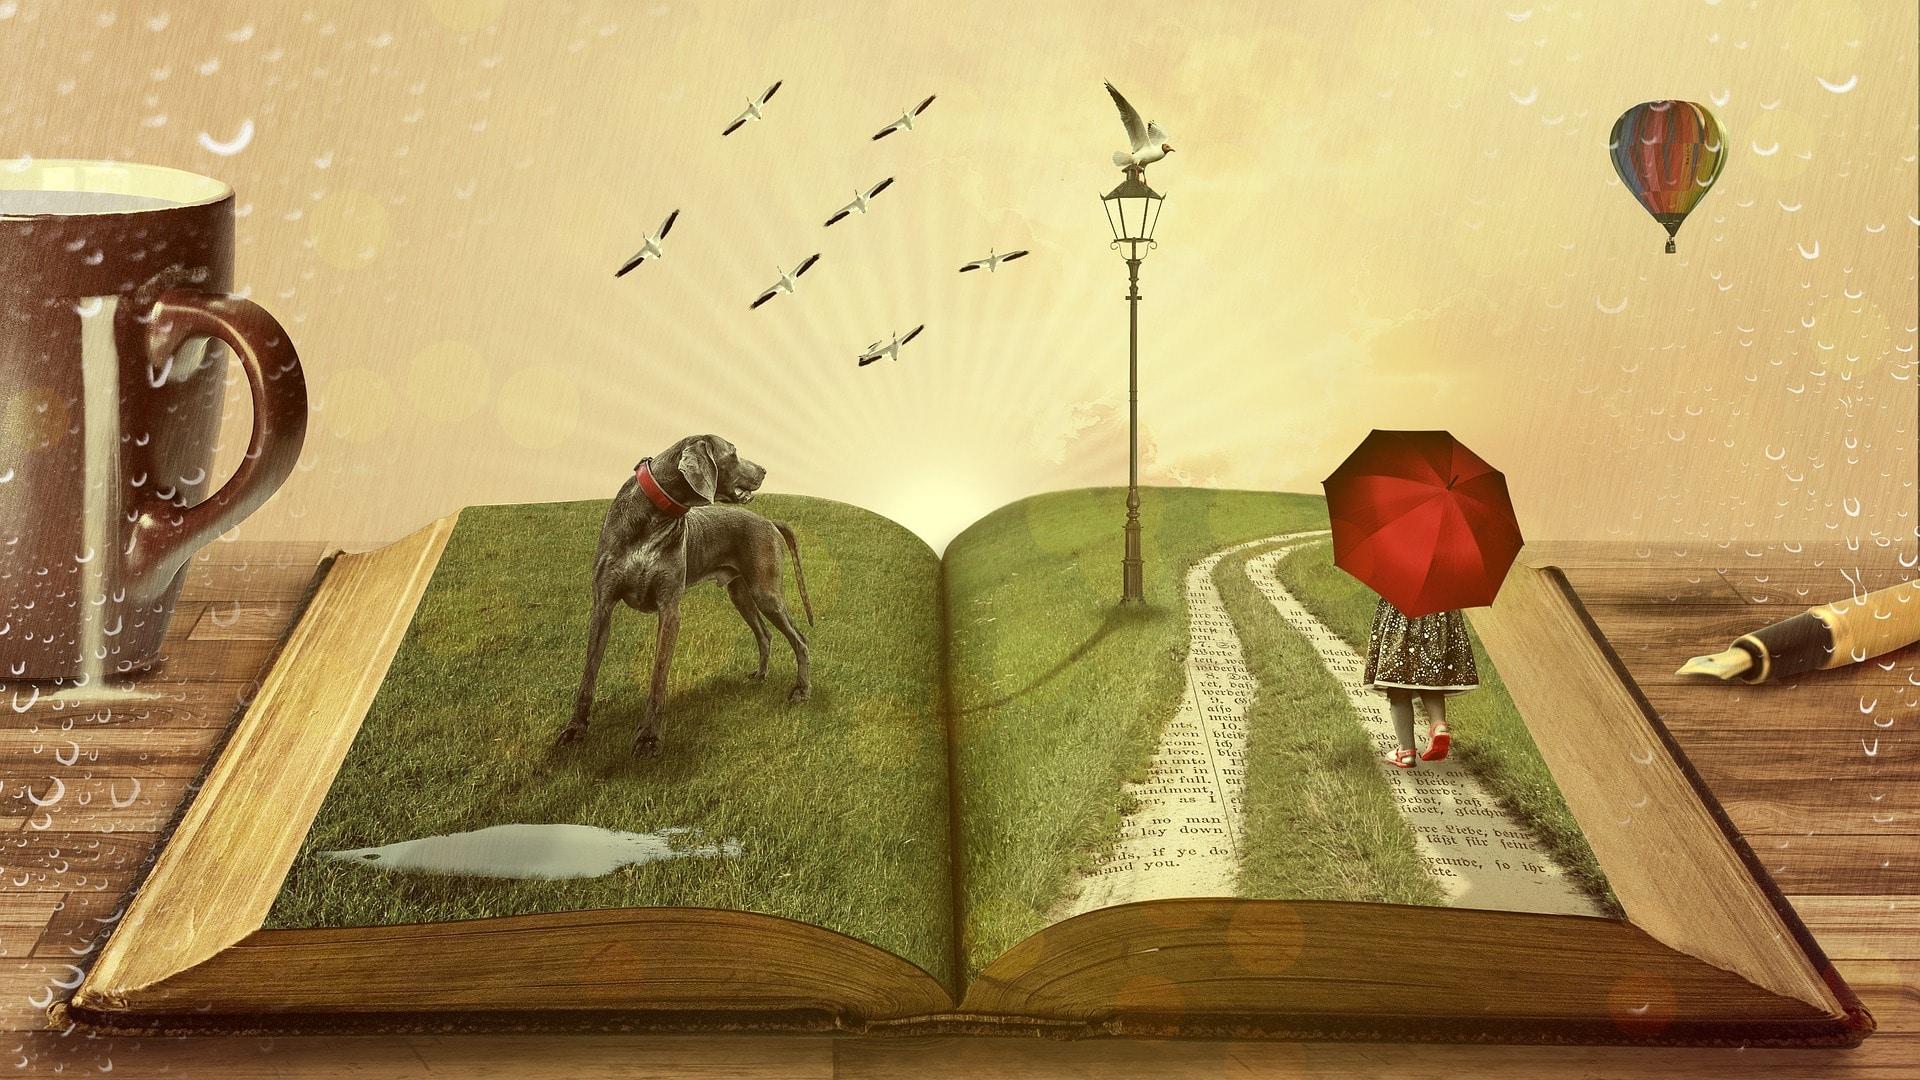 Comment bien commencer les chapitres d'un récit, atelier d'écriture scealprod.fr